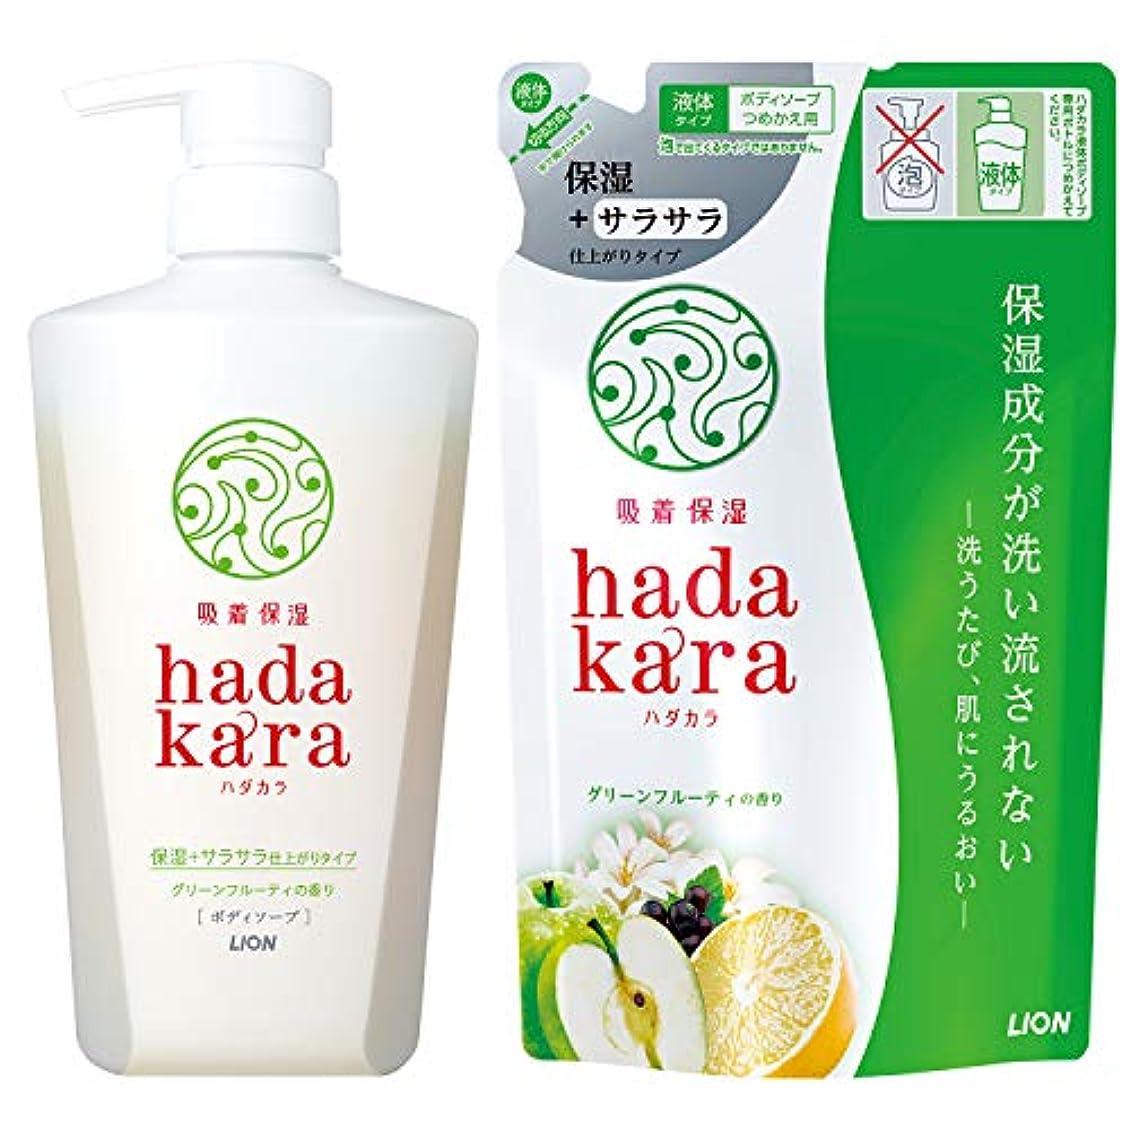 インストール天の仲間、同僚hadakara(ハダカラ) ボディソープ 保湿+サラサラ仕上がりタイプ グリーンフルーティの香り (本体480ml+つめかえ340ml) グリーンフルーティ(保湿+サラサラ仕上がり) +